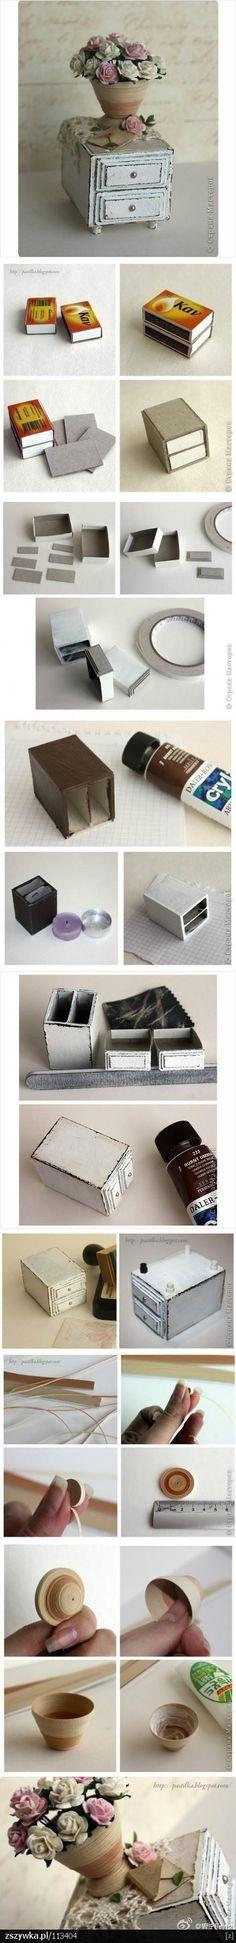 reciclagem usando caixas de fósforo